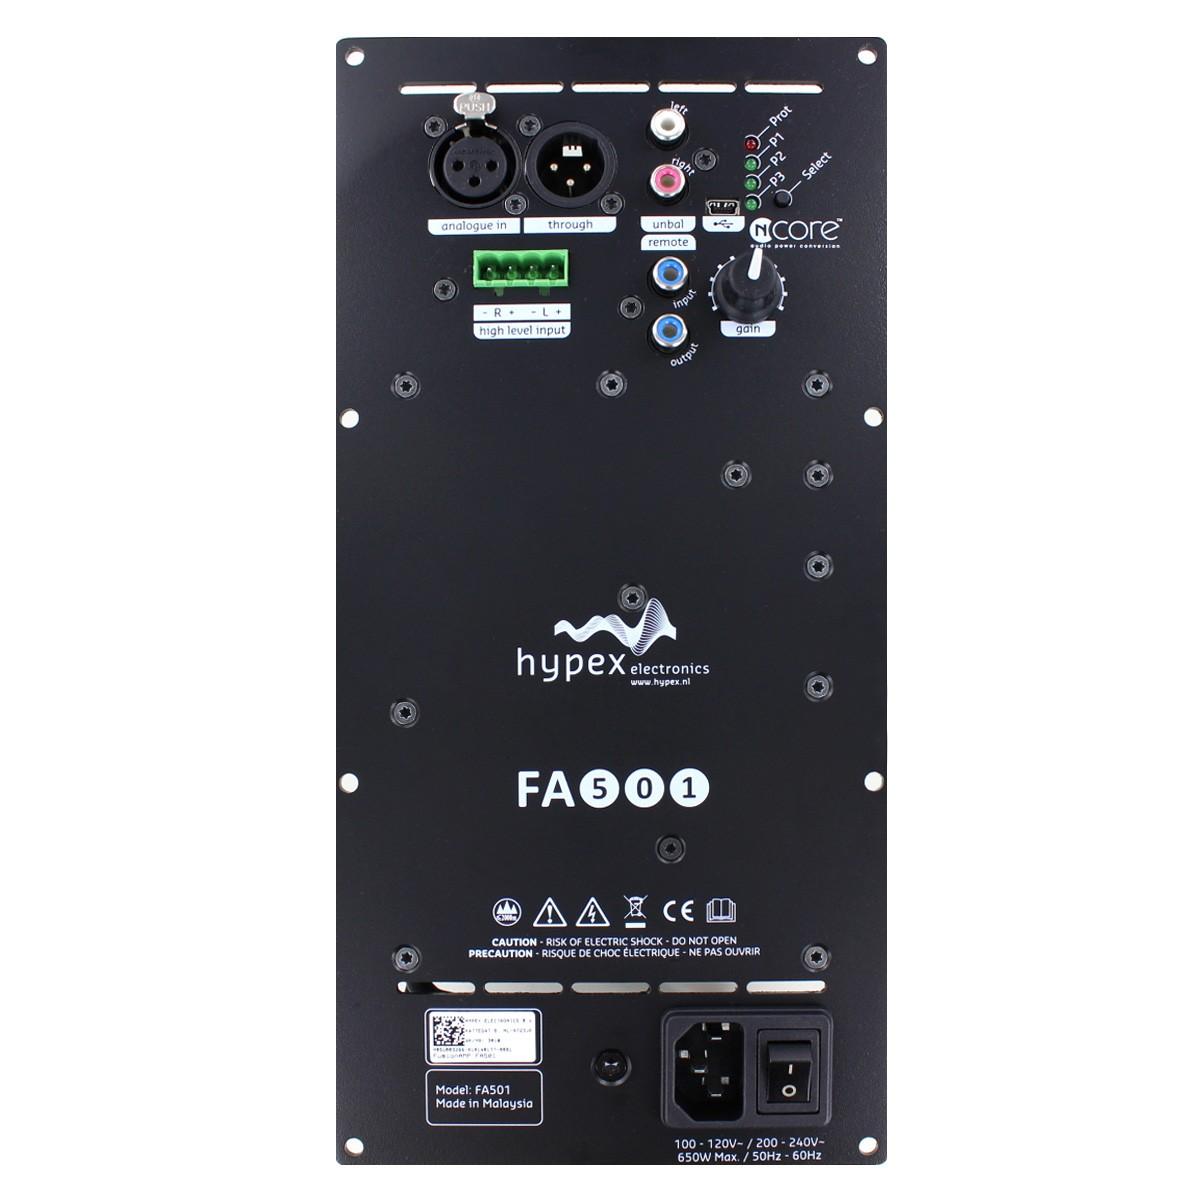 HYPEX FUSIONAMP FA501 Plate NCore Amplifier 1x500W DSP ADAU1450 DAC AK4454 192kHz